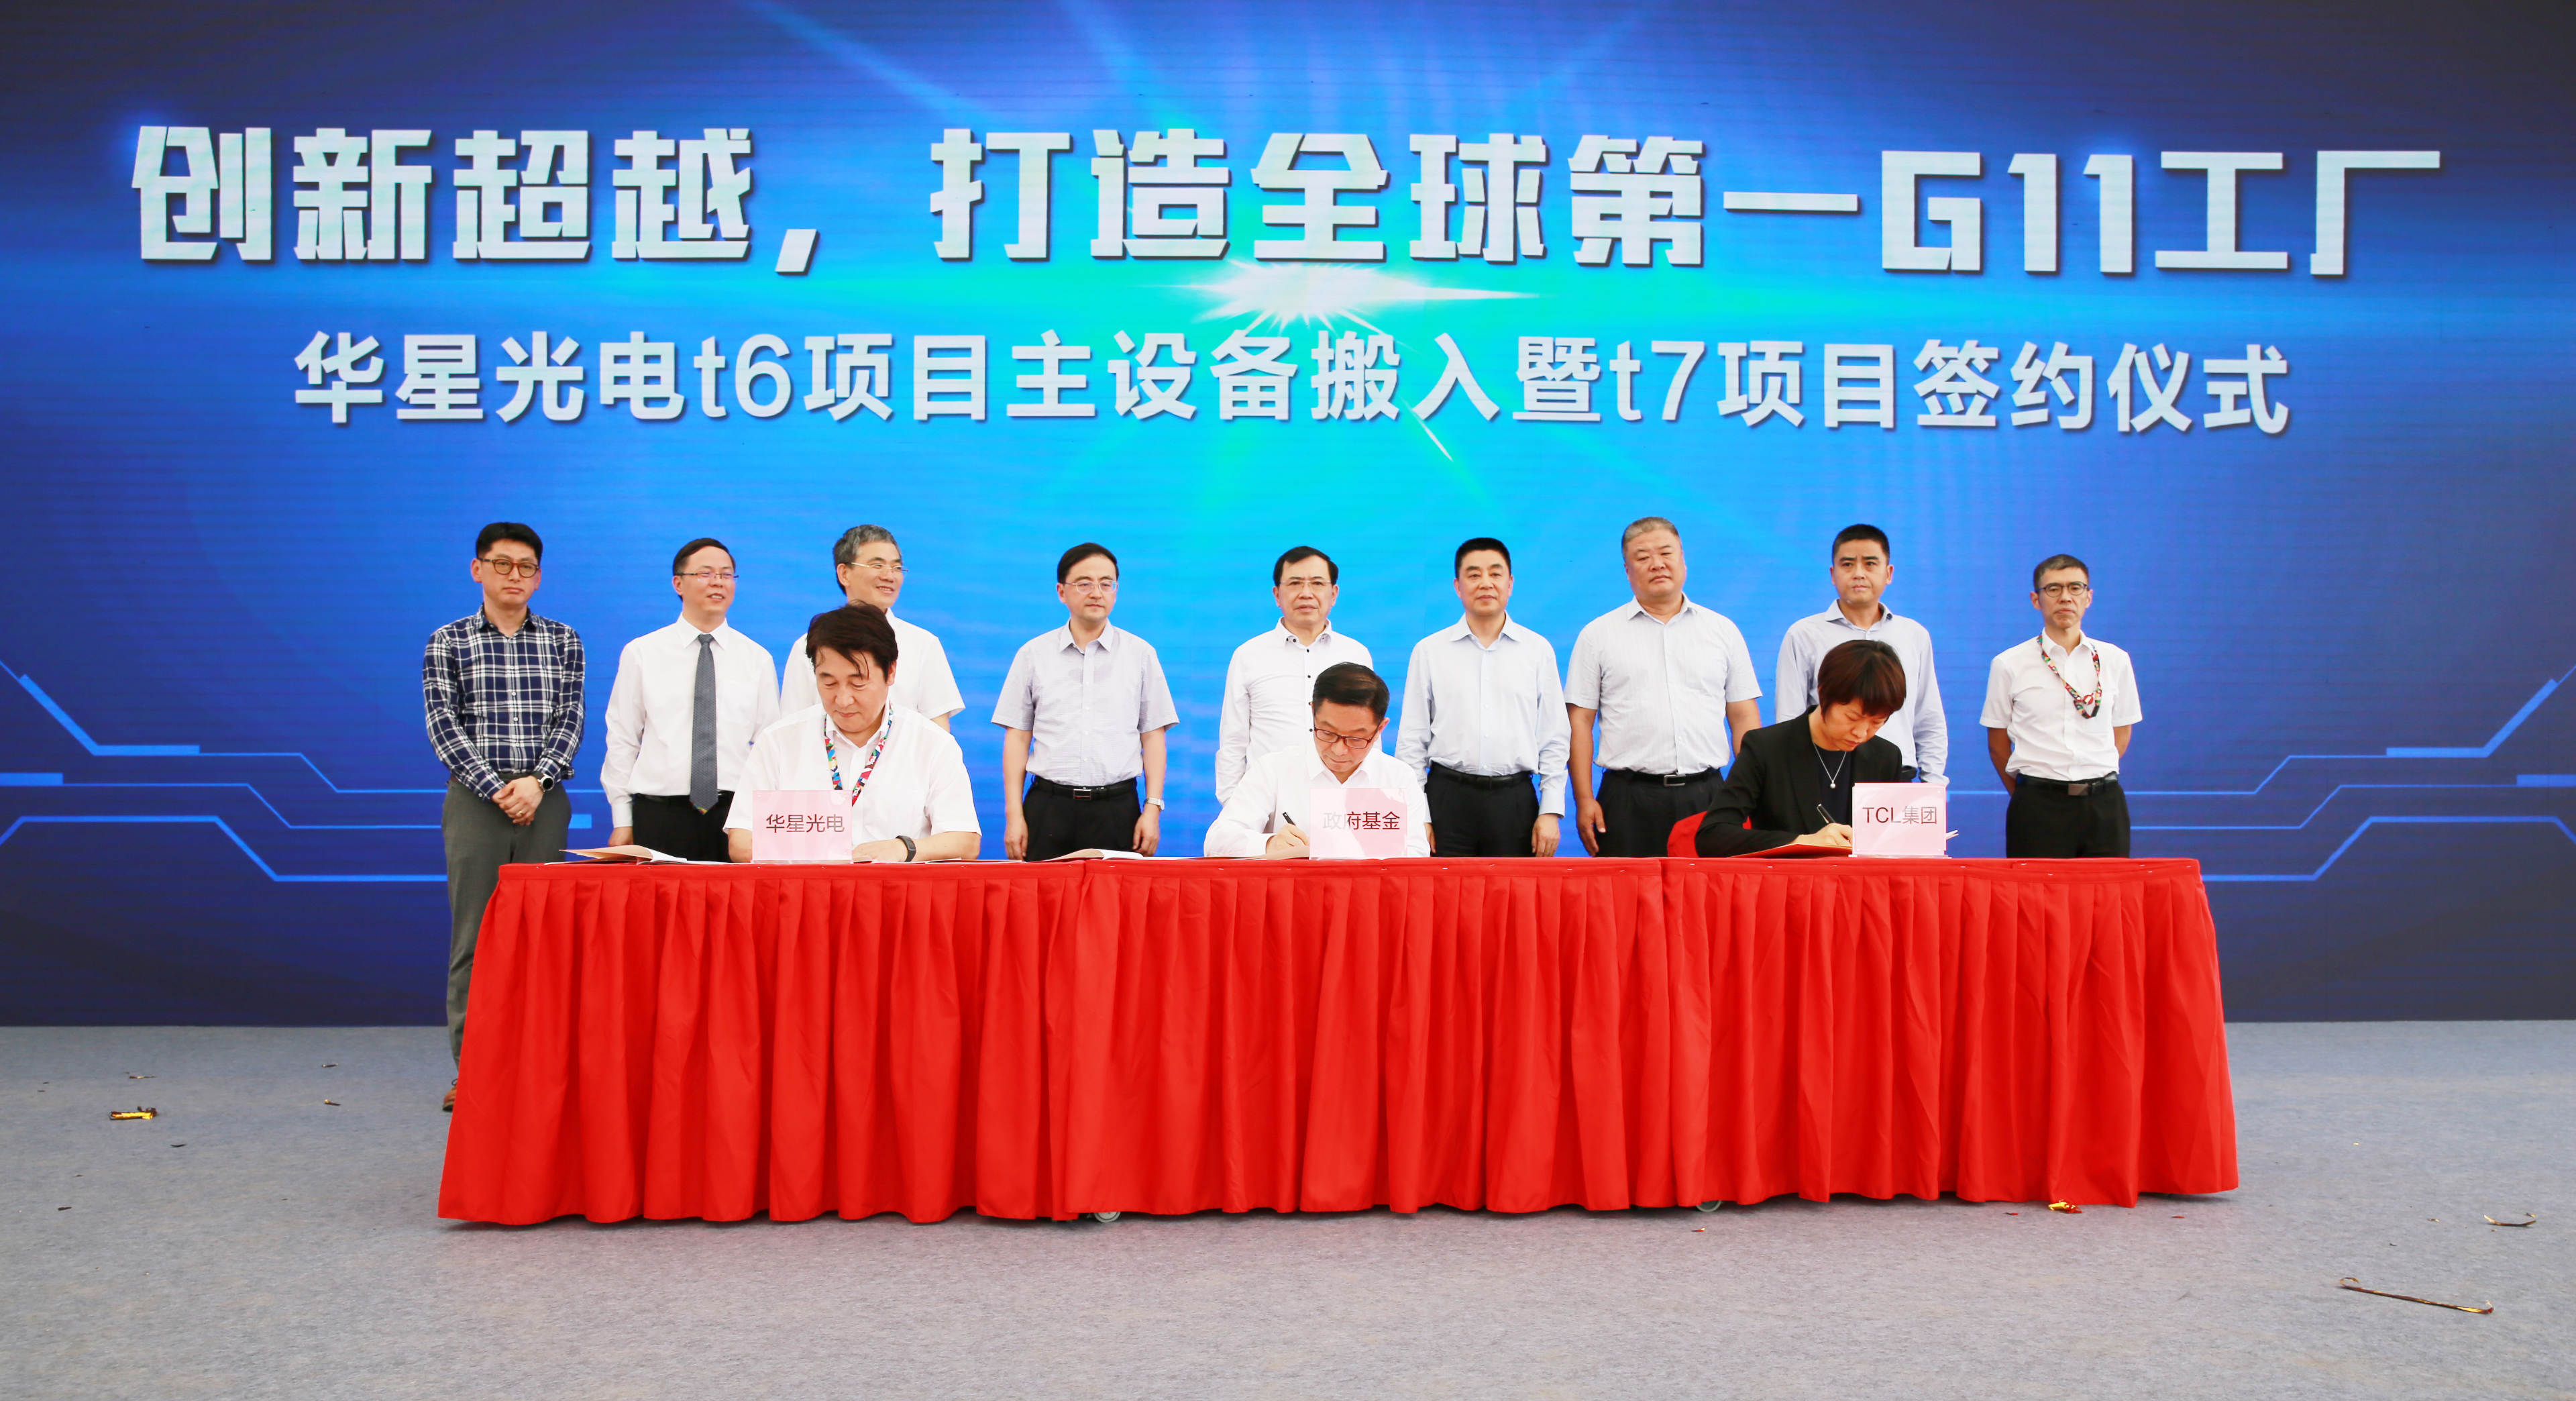 华星光电t6项目主设备搬入暨t7项目签约